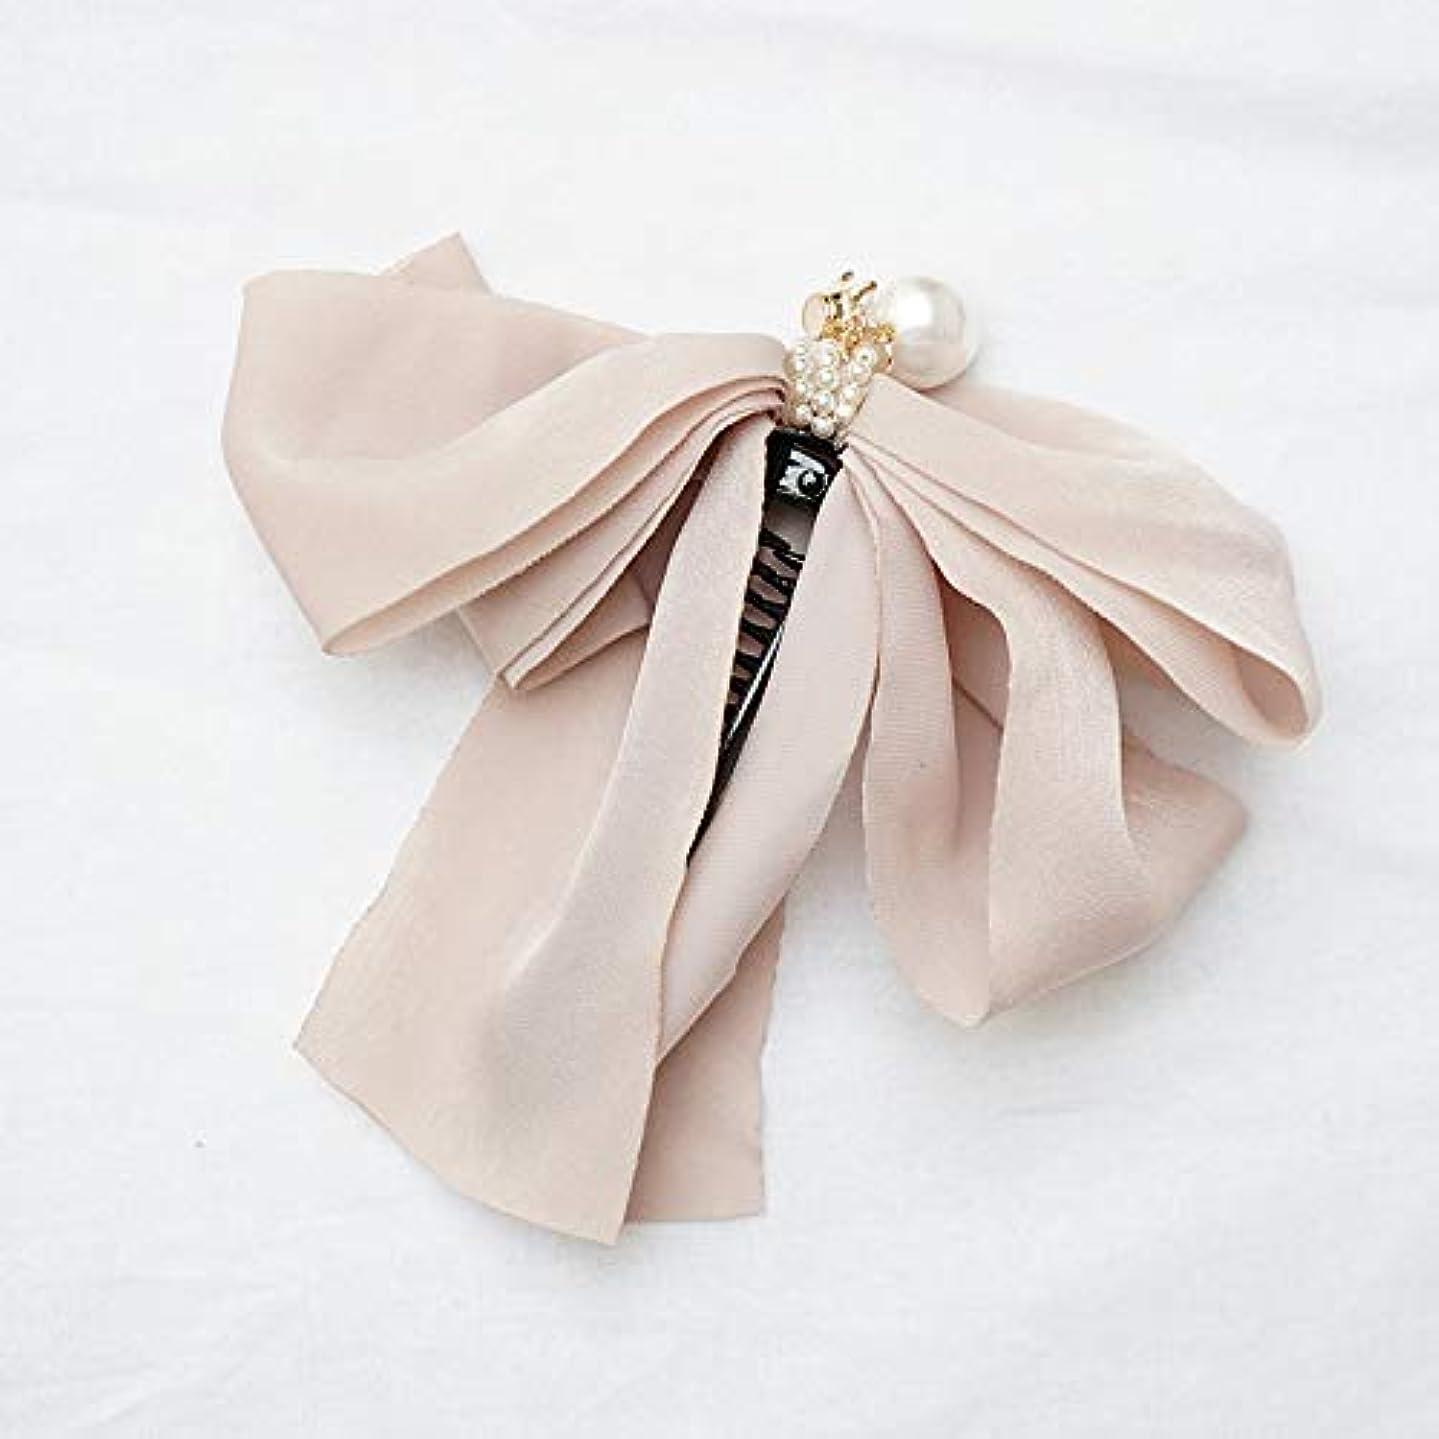 とティーム倒産蒸HuaQingPiJu-JP ファッションロゼットヘアピン便利なヘアクリップ女性の結婚式のアクセサリー(アプリコット)